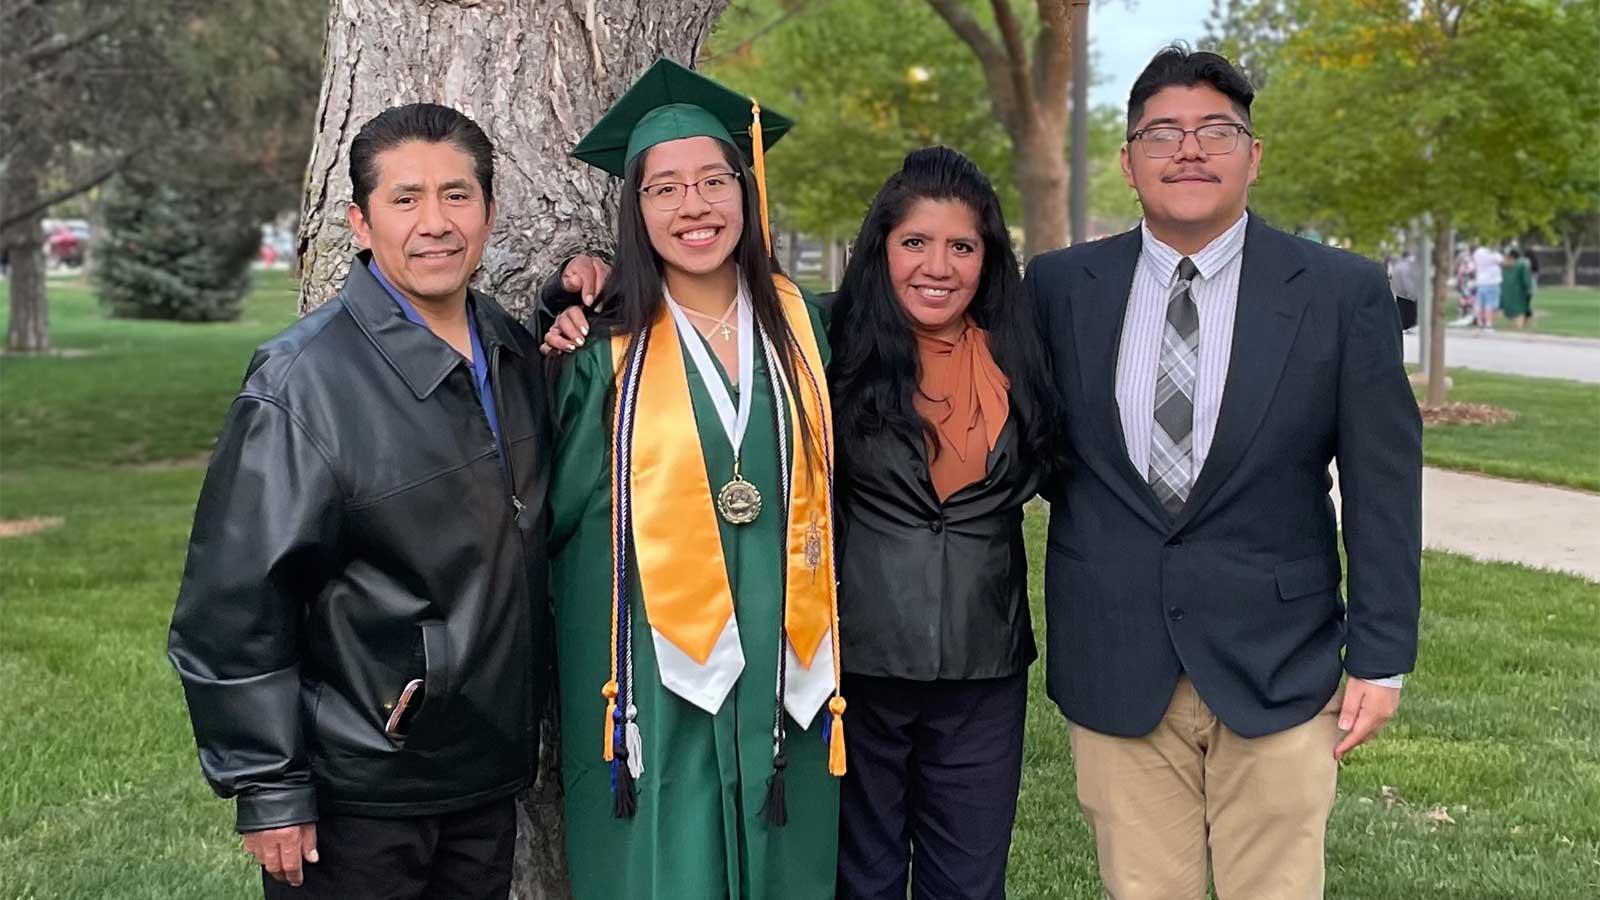 Alexis taking a family photo.